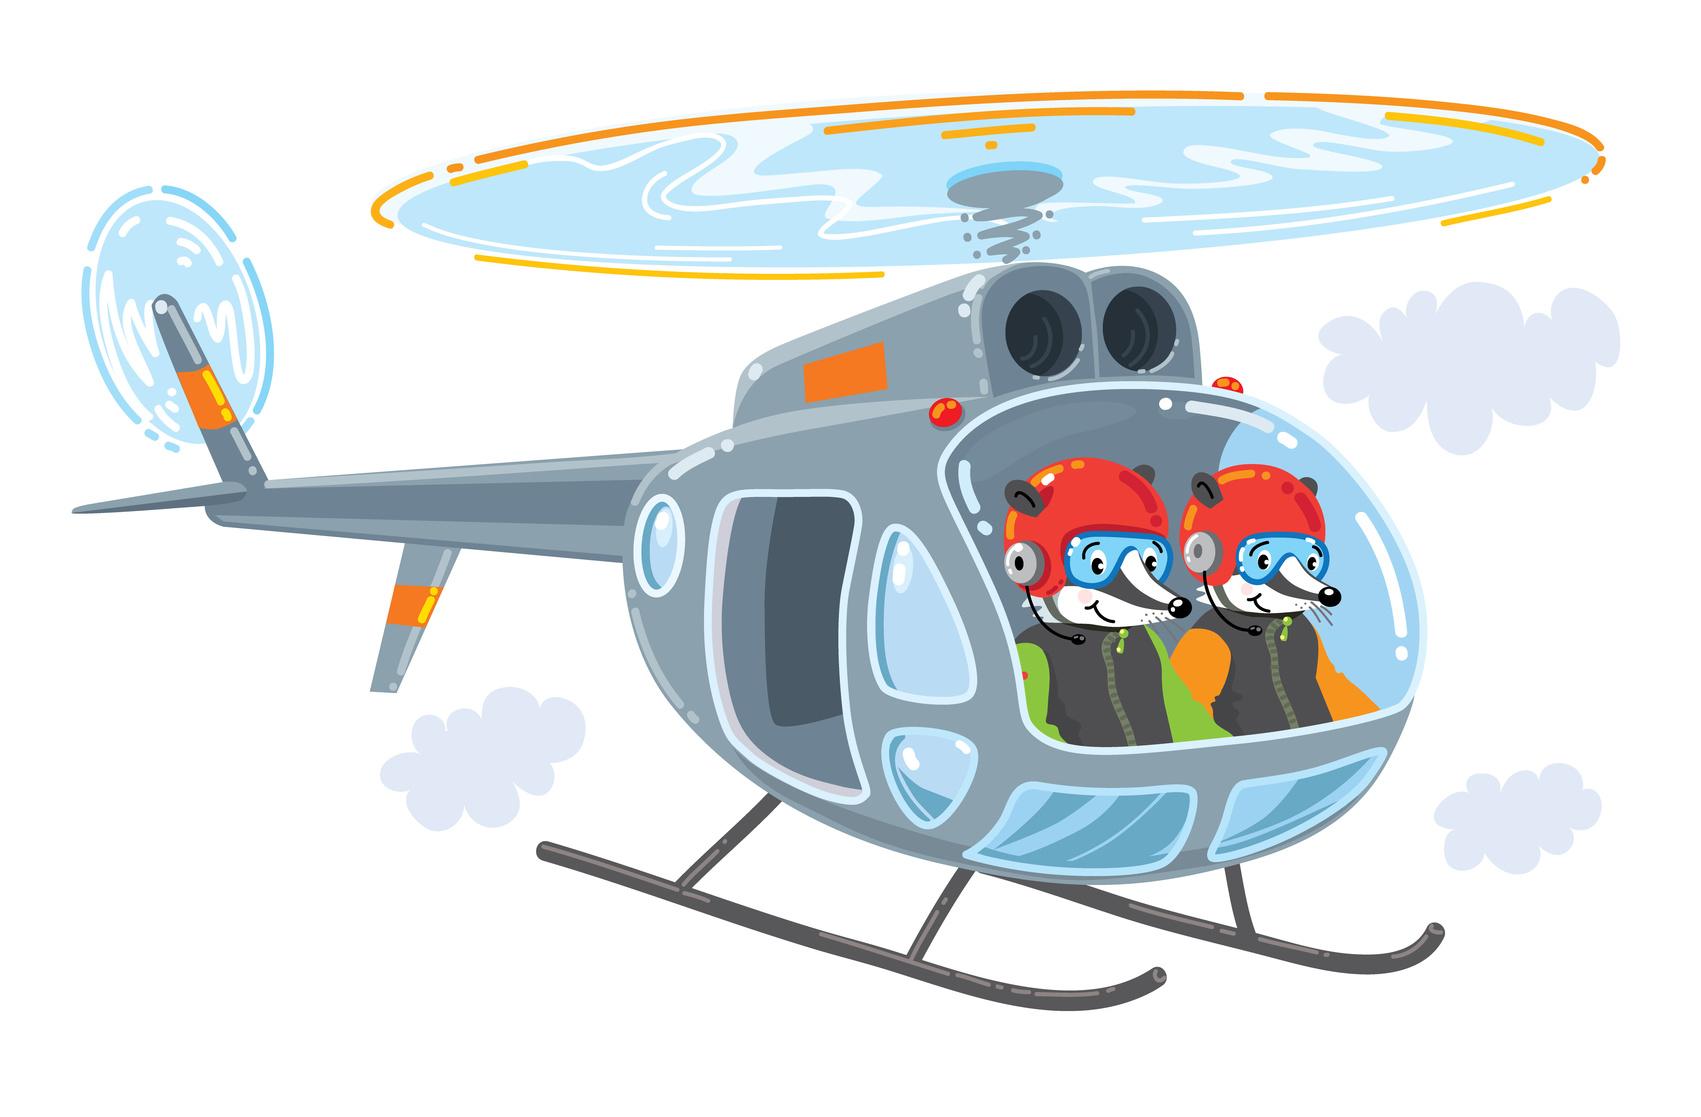 Аренда вертолета, в чем преимущества?